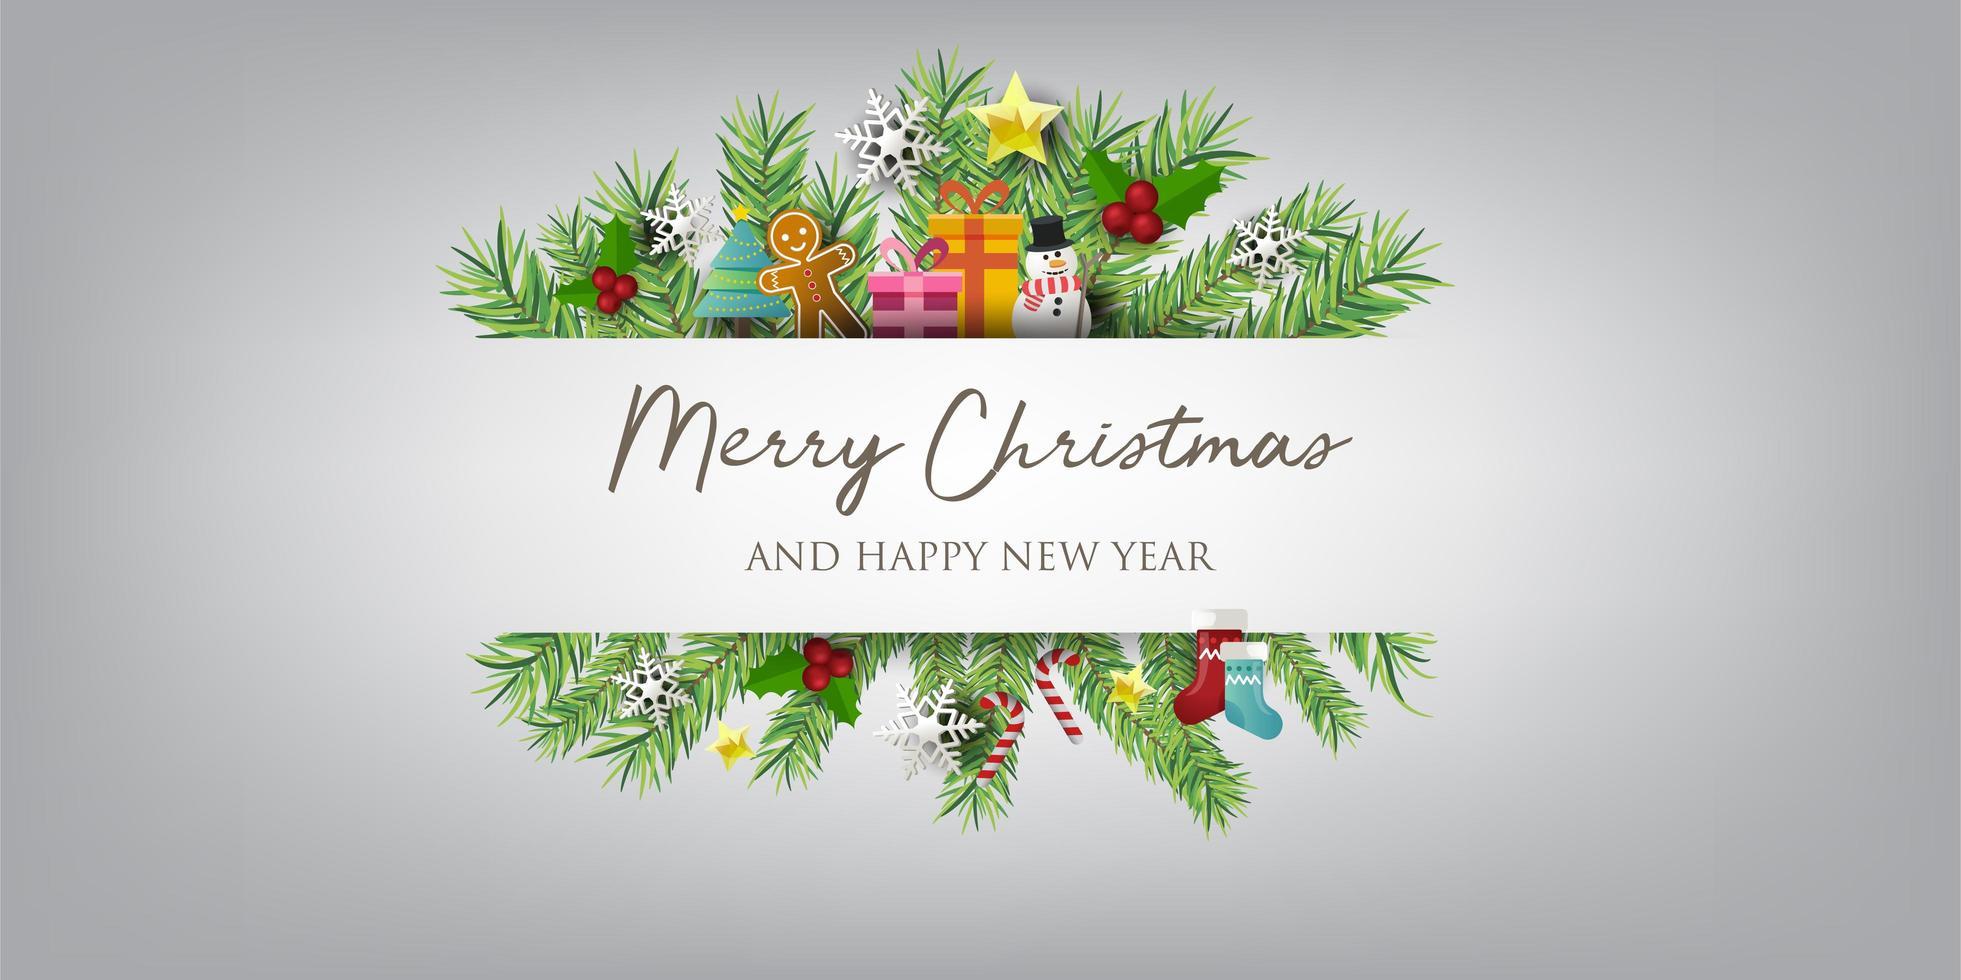 bannière de Noël avec fond et décoration de Noël. texte joyeux noël et bonne année. vecteur